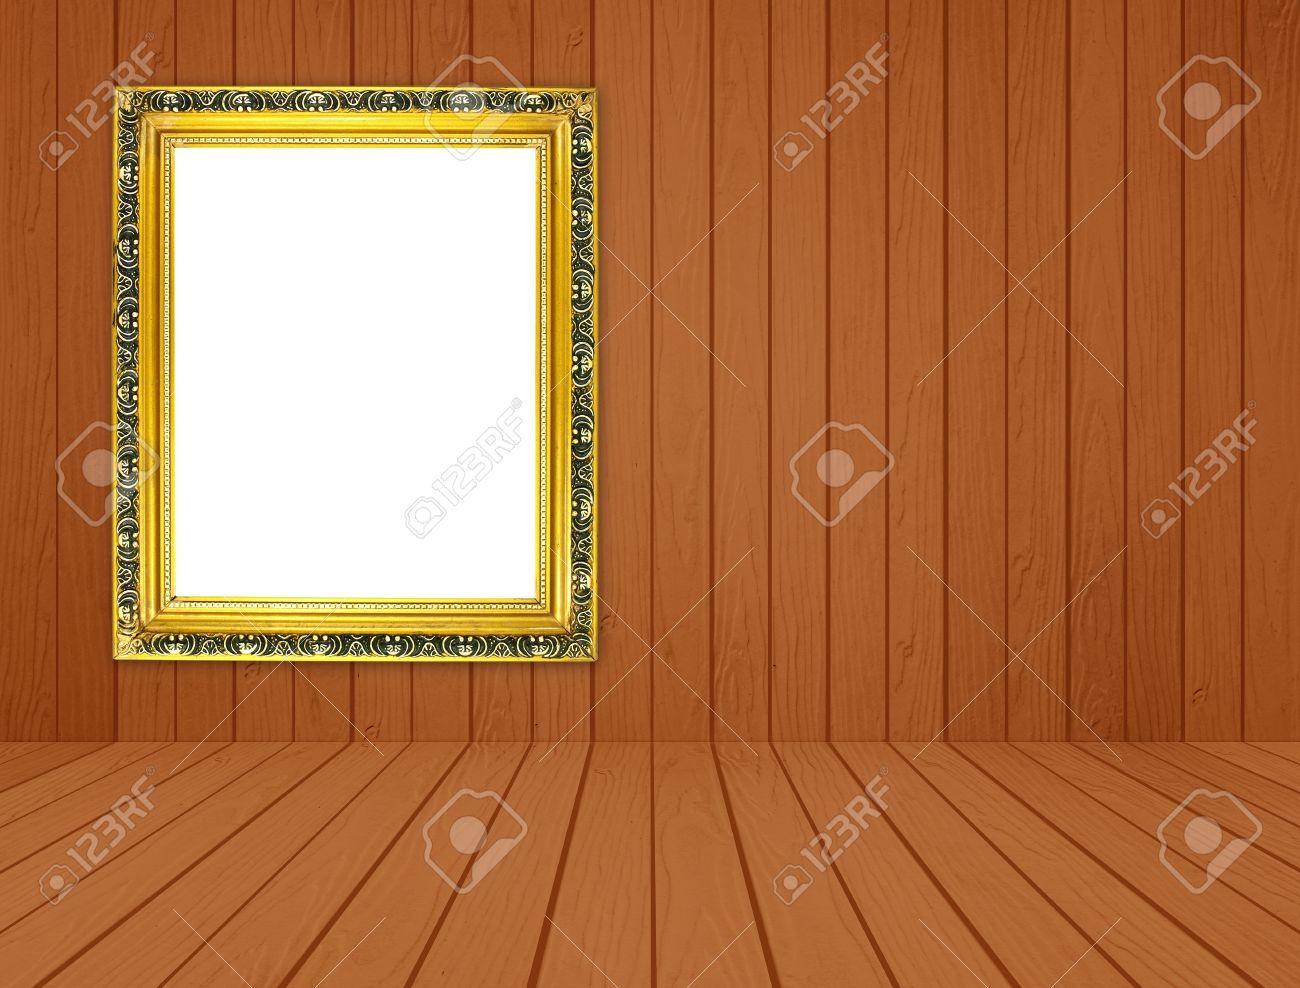 Cadre doré vide dans la chambre avec mur en bois blanc et plancher ...